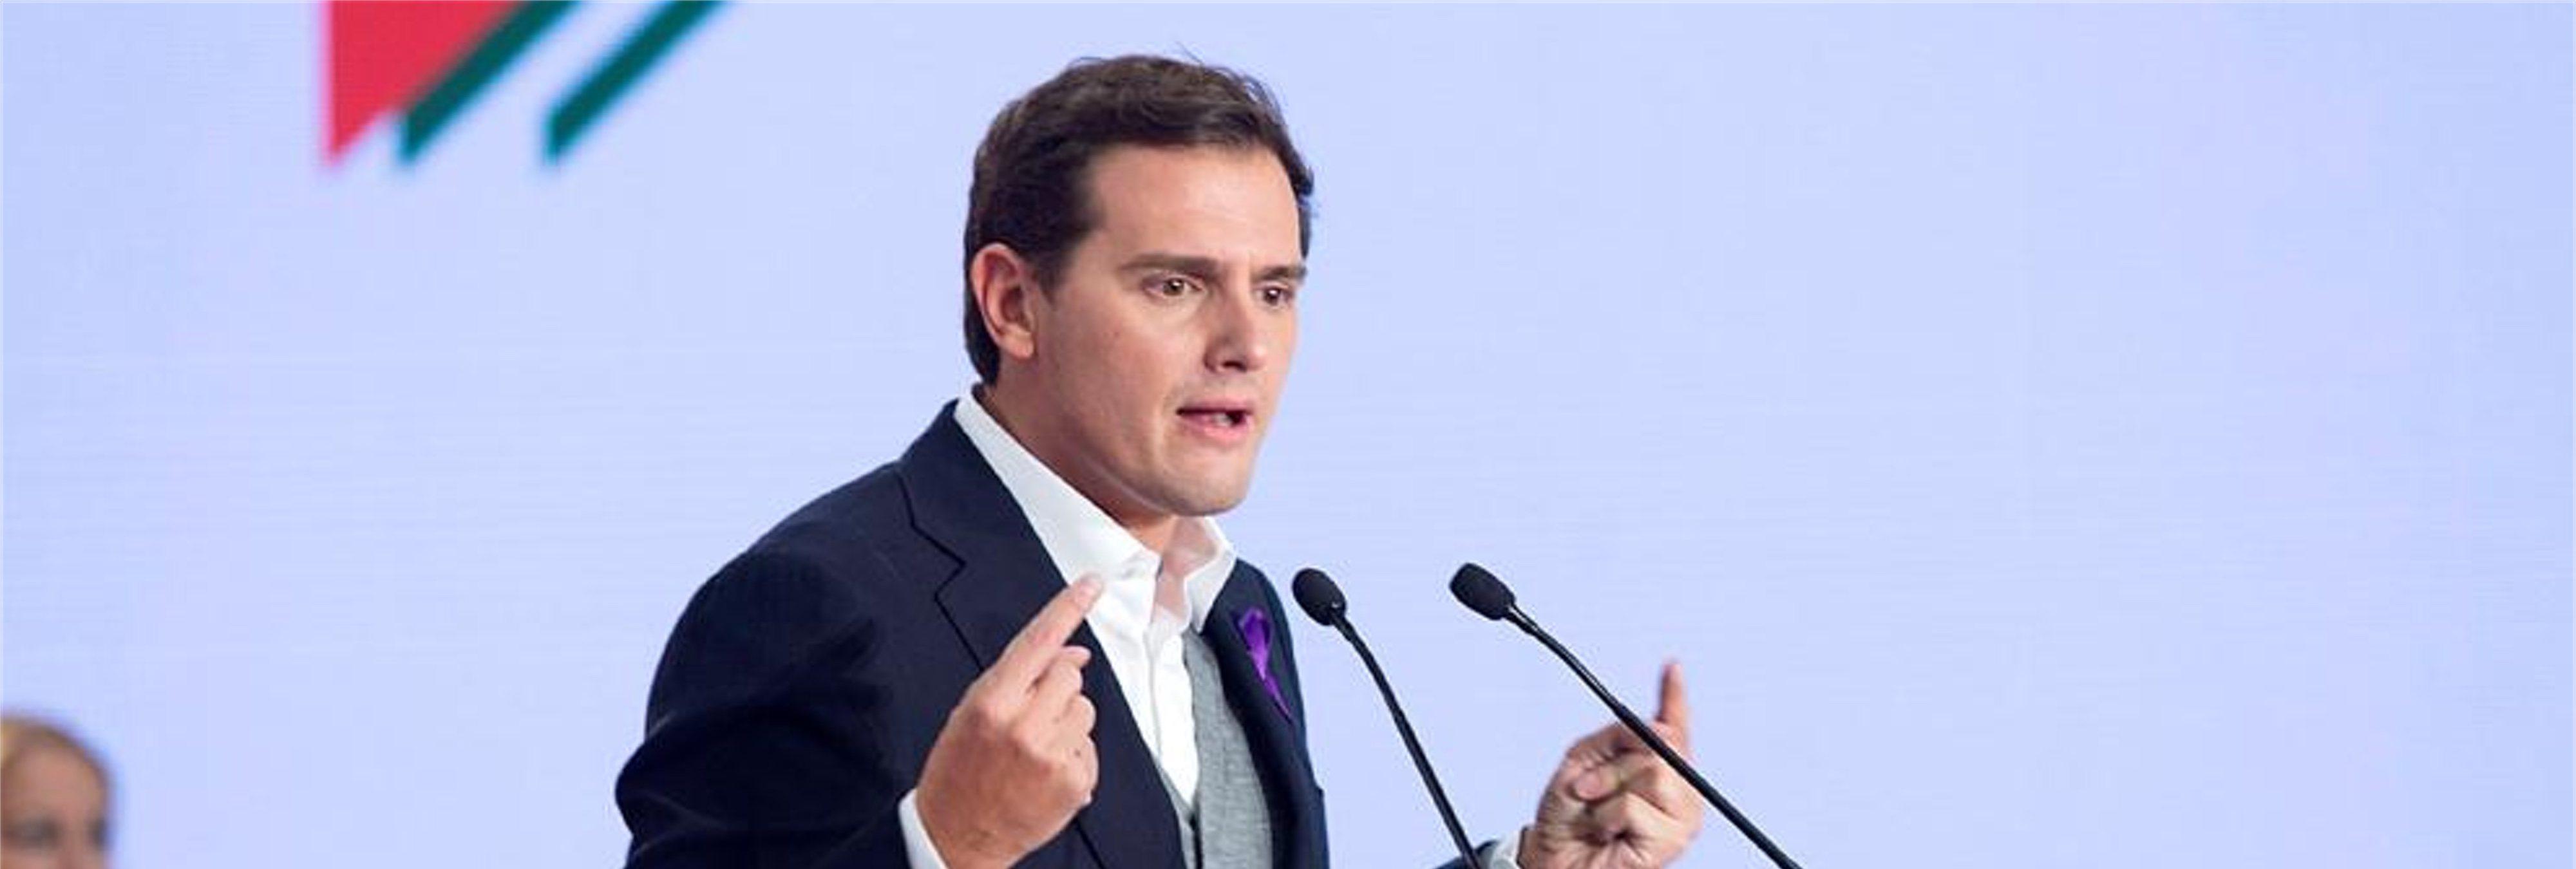 """The Economist llama """"sectario"""" a Rivera por vetar al PSOE y 'abrazar' a la ultraderecha de VOX"""